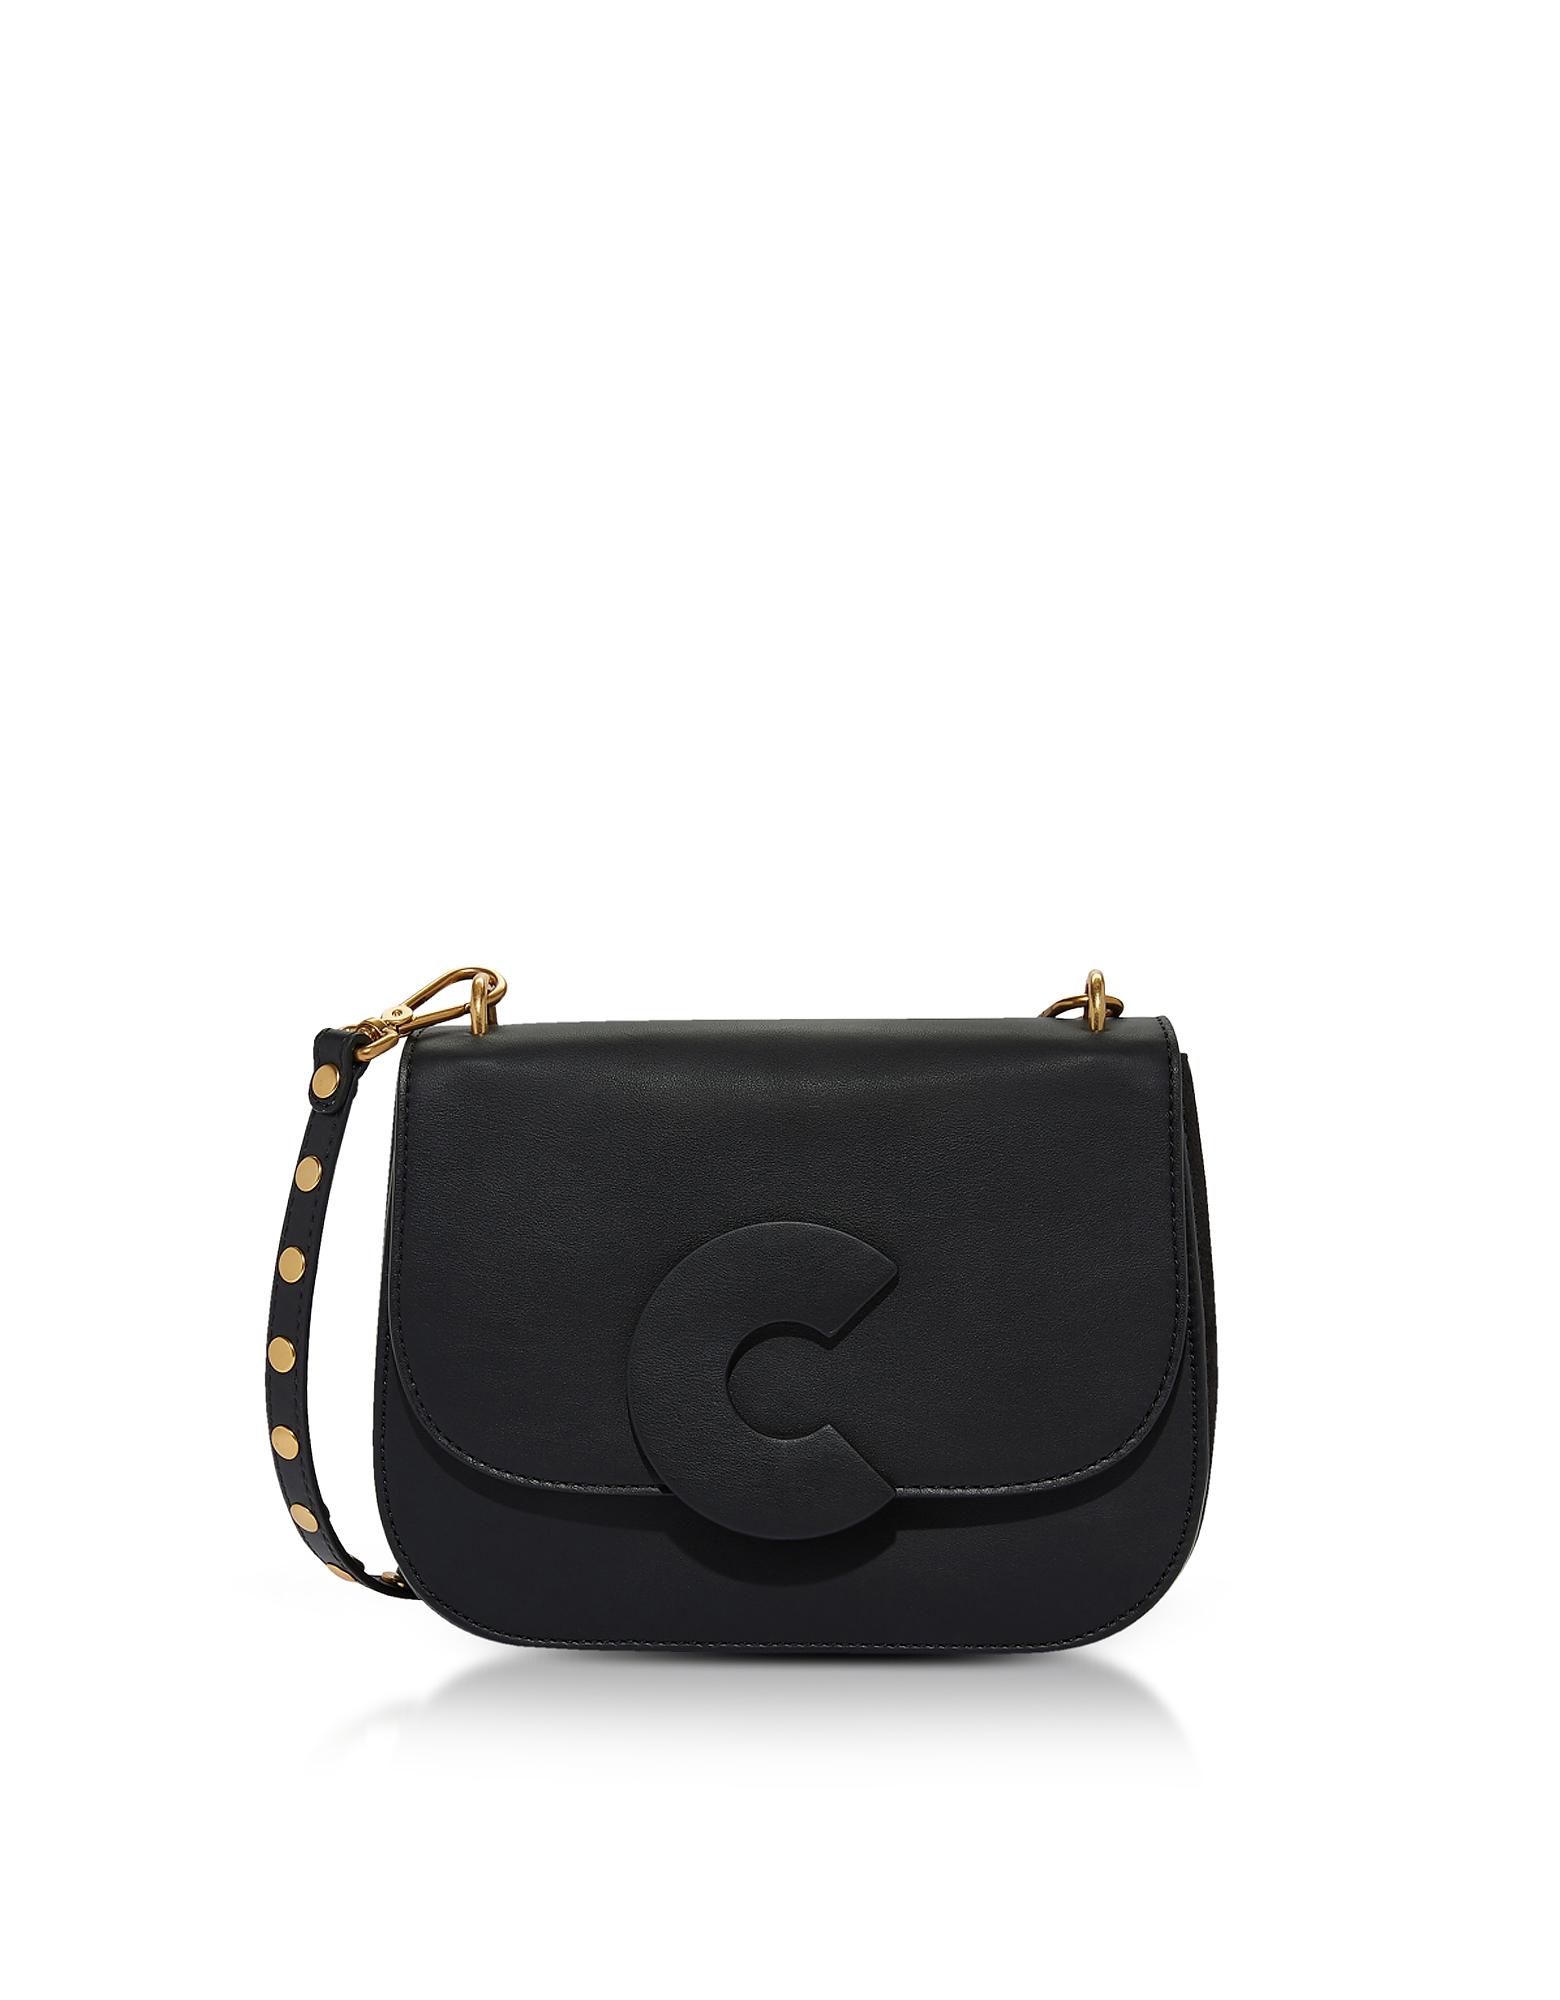 Image of Coccinelle Designer Handbags, Craquante Rock Medium Shoulder Bag w/Studded Shoulder Strap